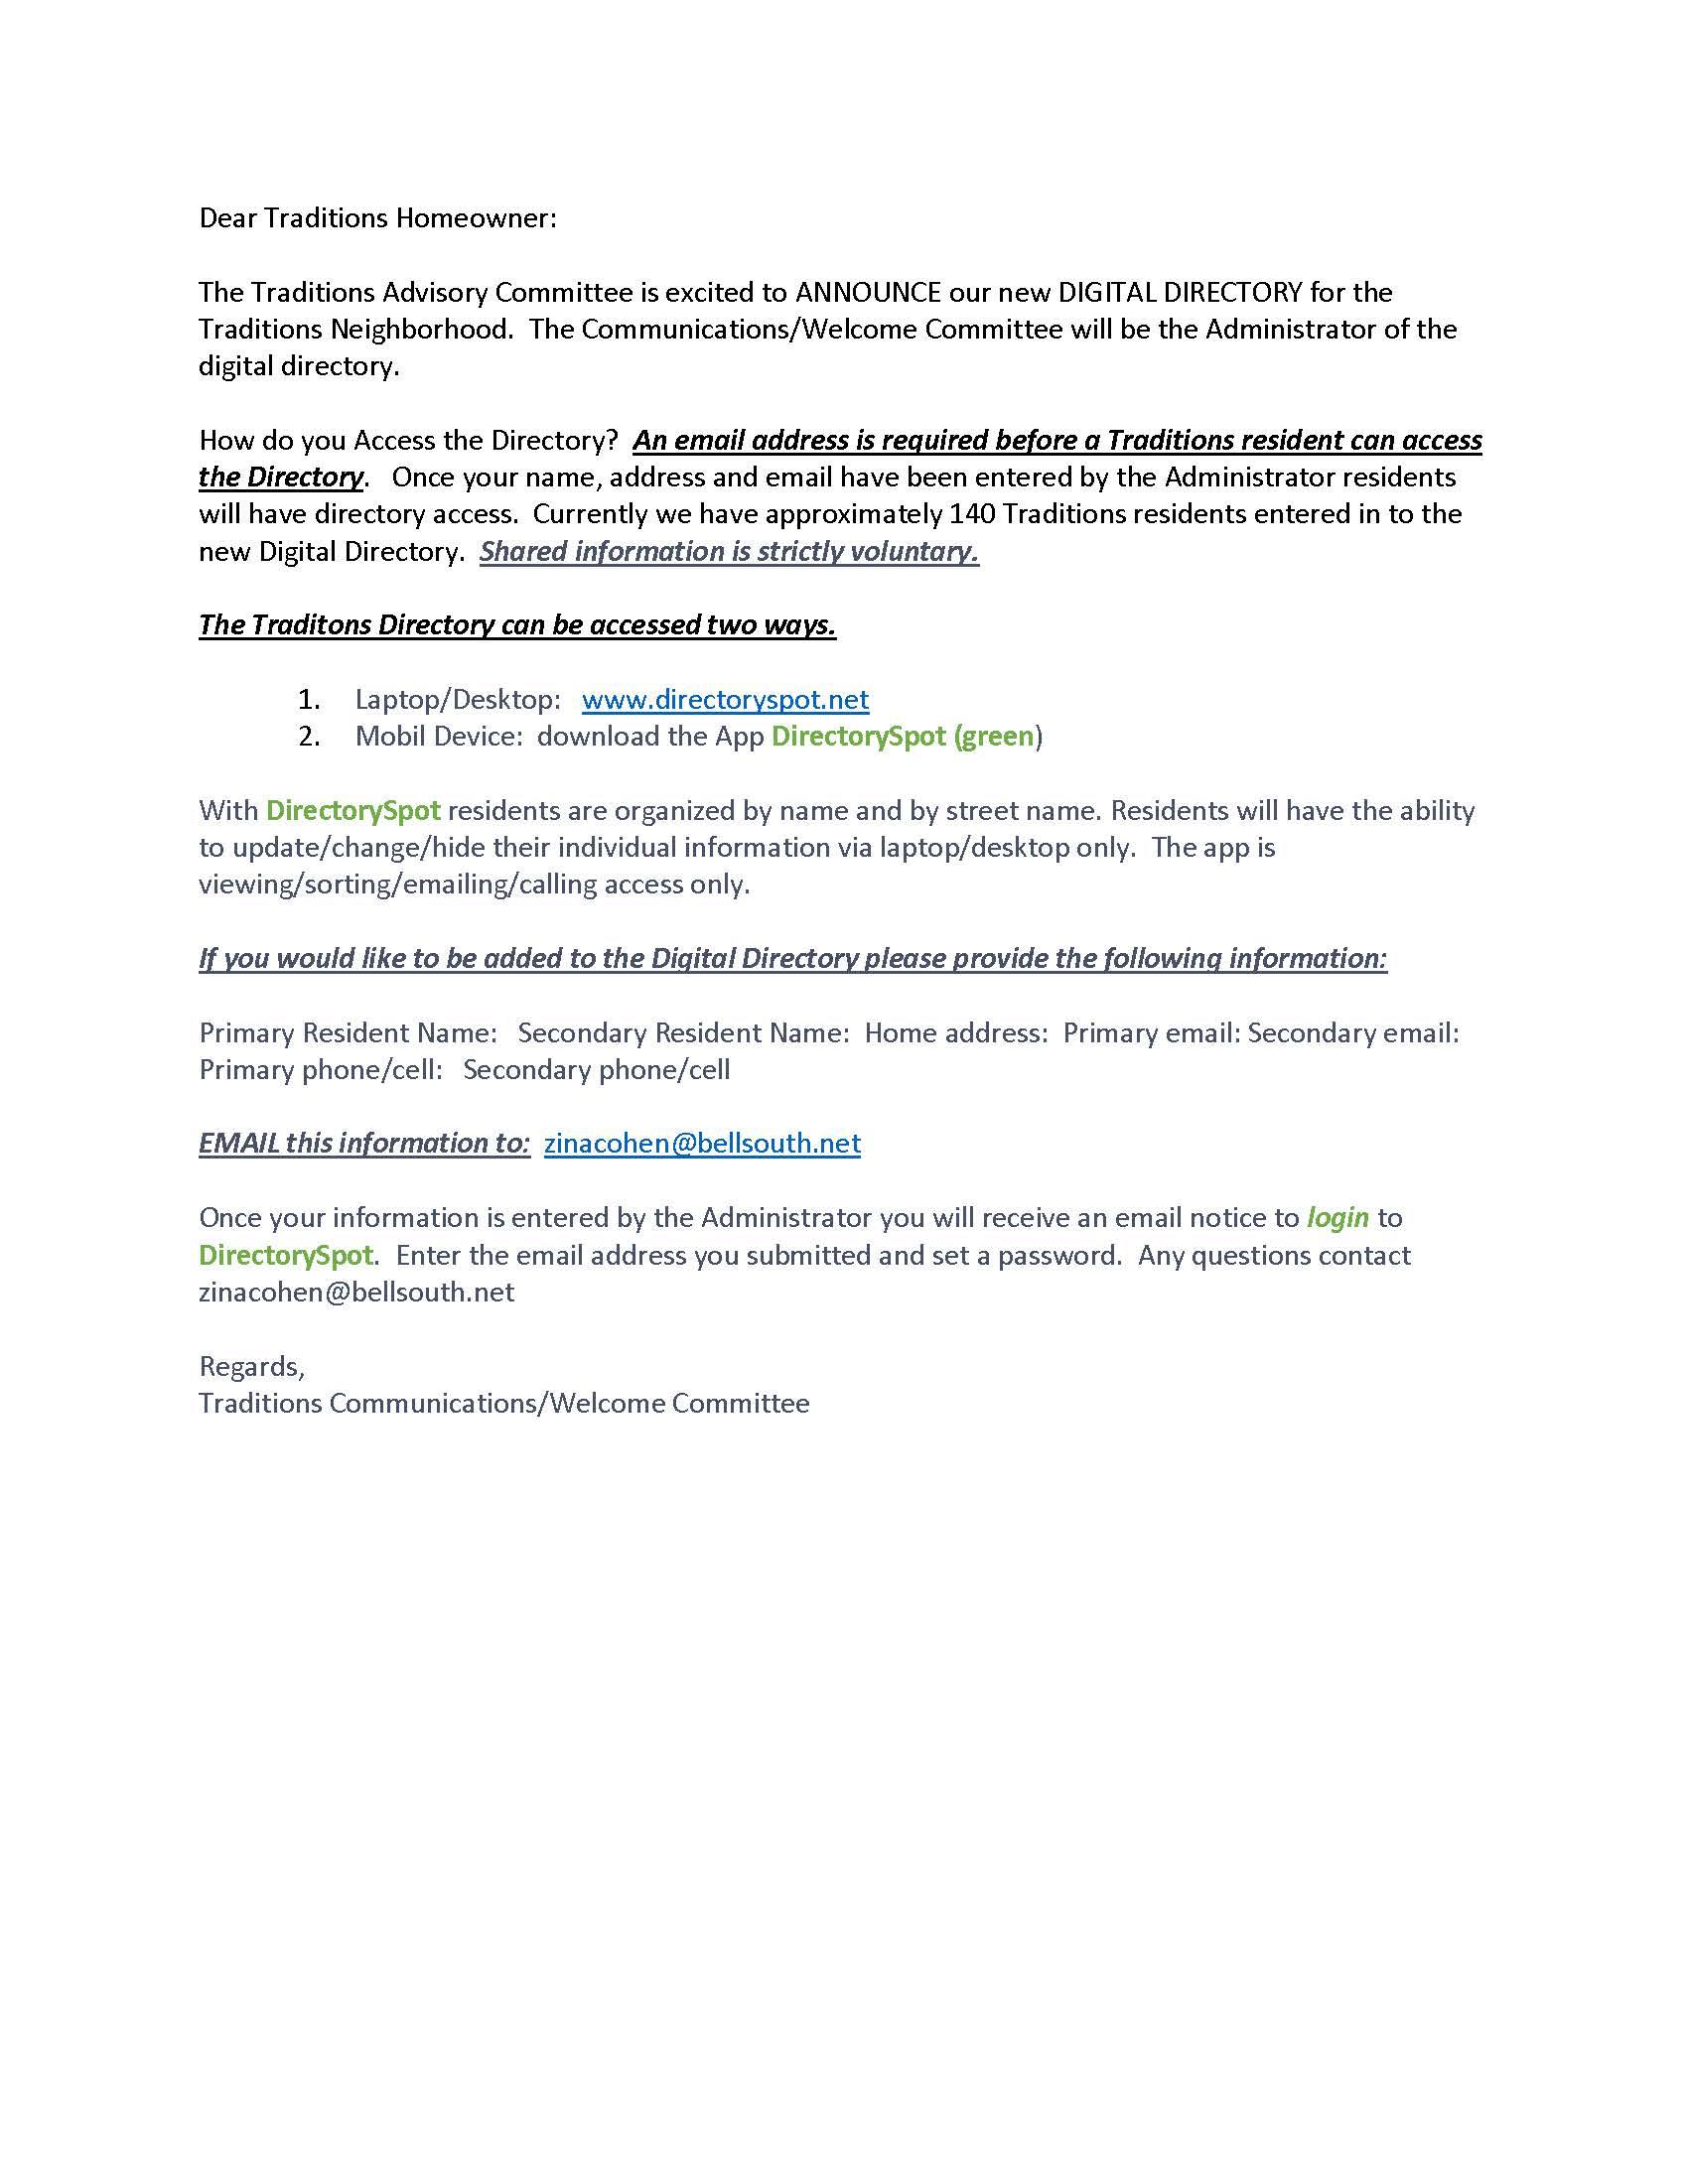 DirectorySpot Announcement